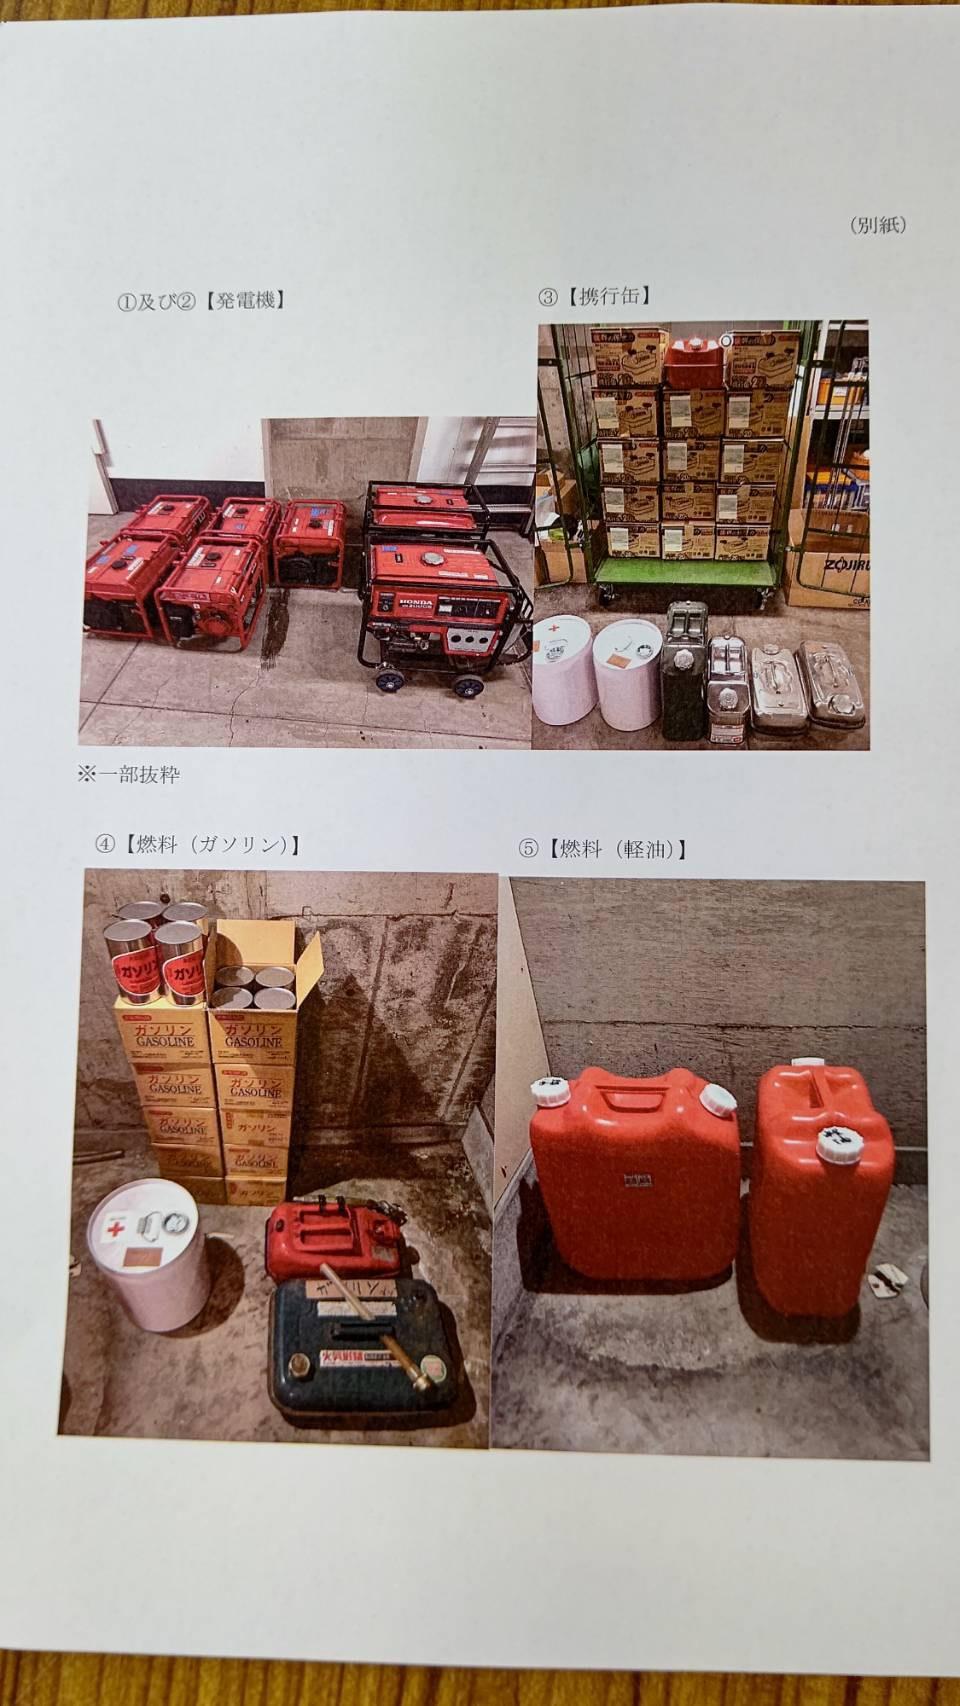 【産業廃棄物の処理】特別管理廃棄物廃油の処理事例(神奈川県川崎市)を紹介します。